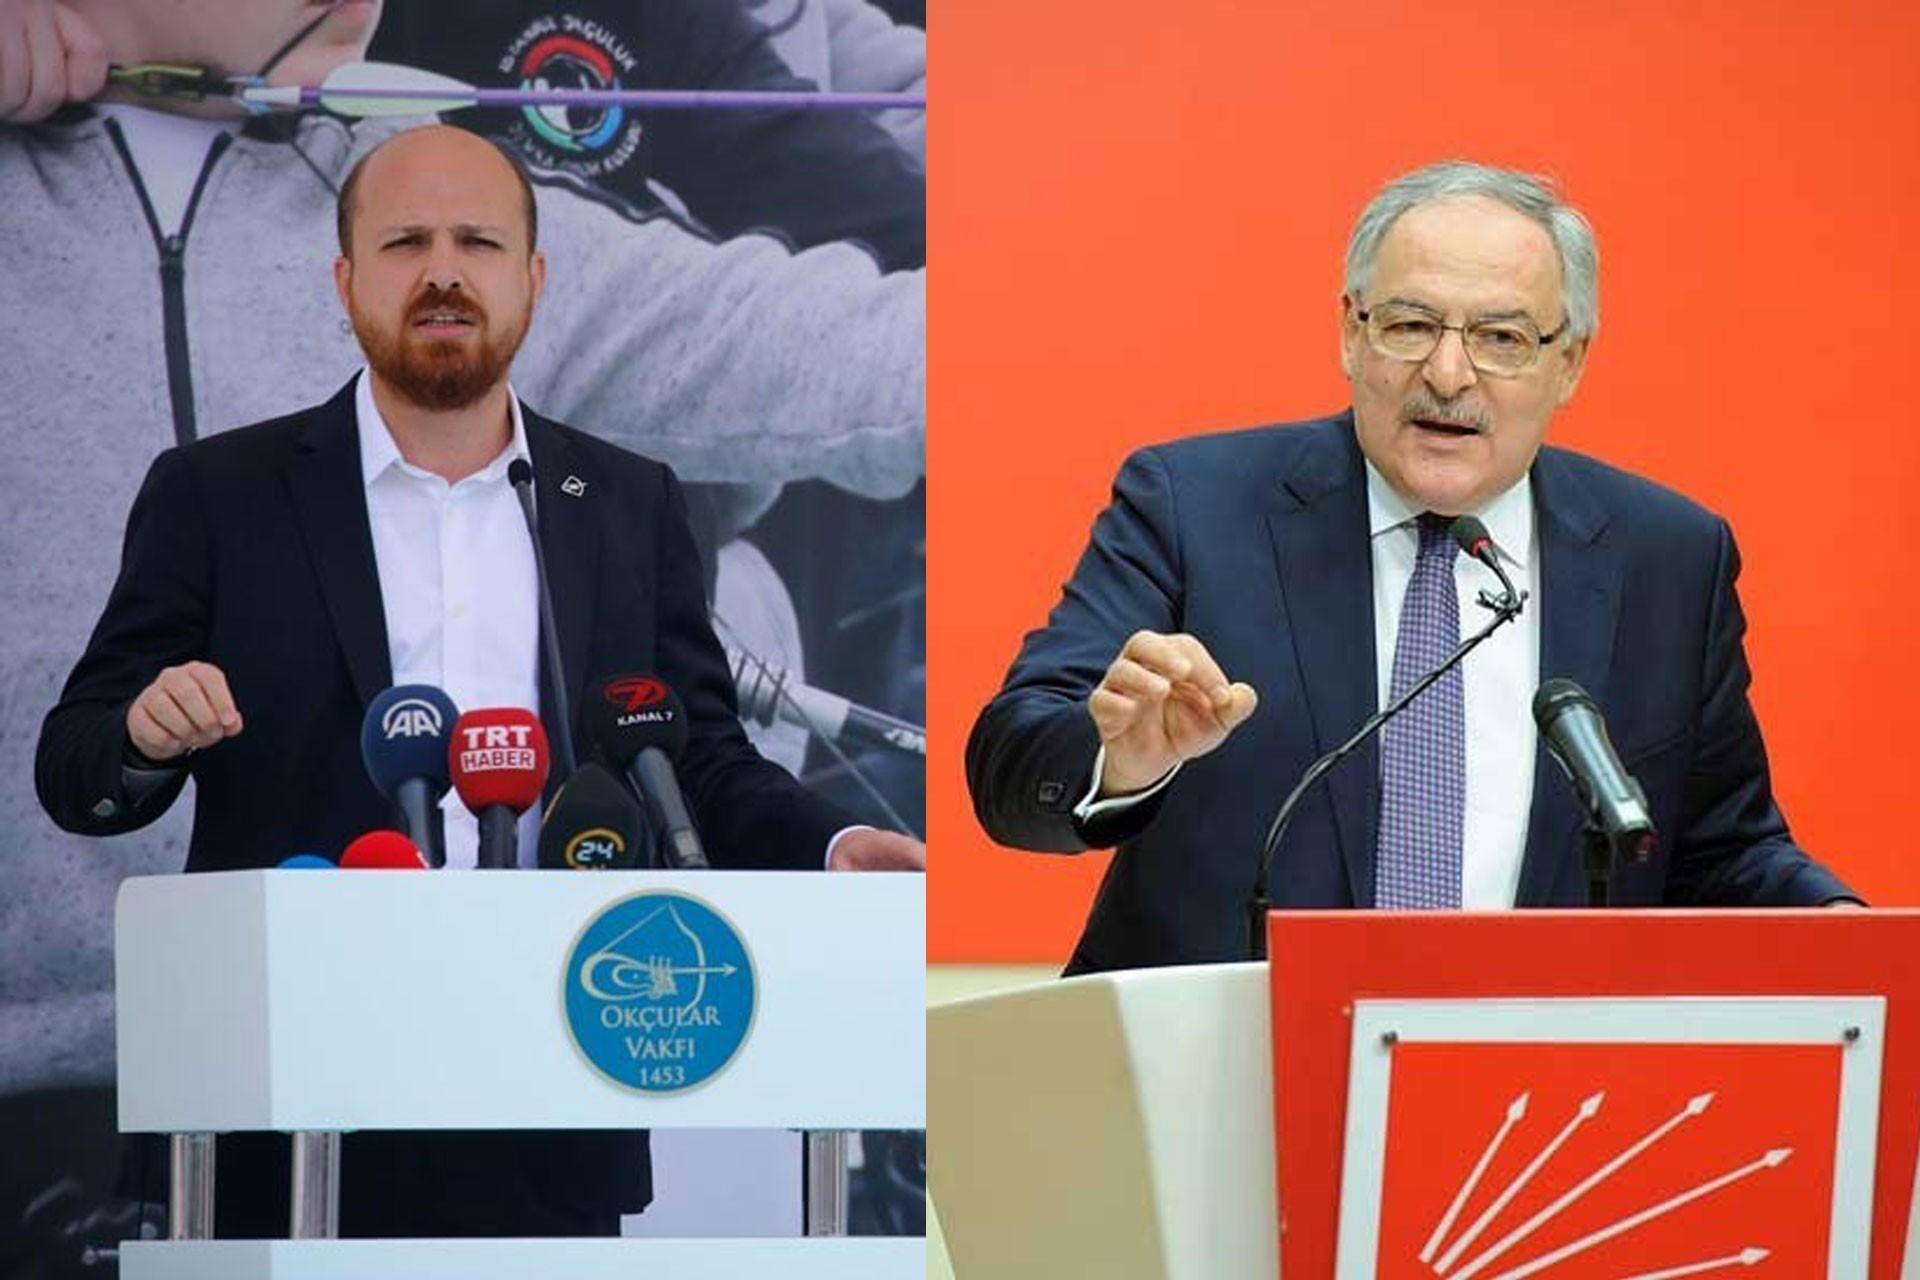 Haluk Koç Bilal Erdoğan'a 'iftira' davasından beraat etti